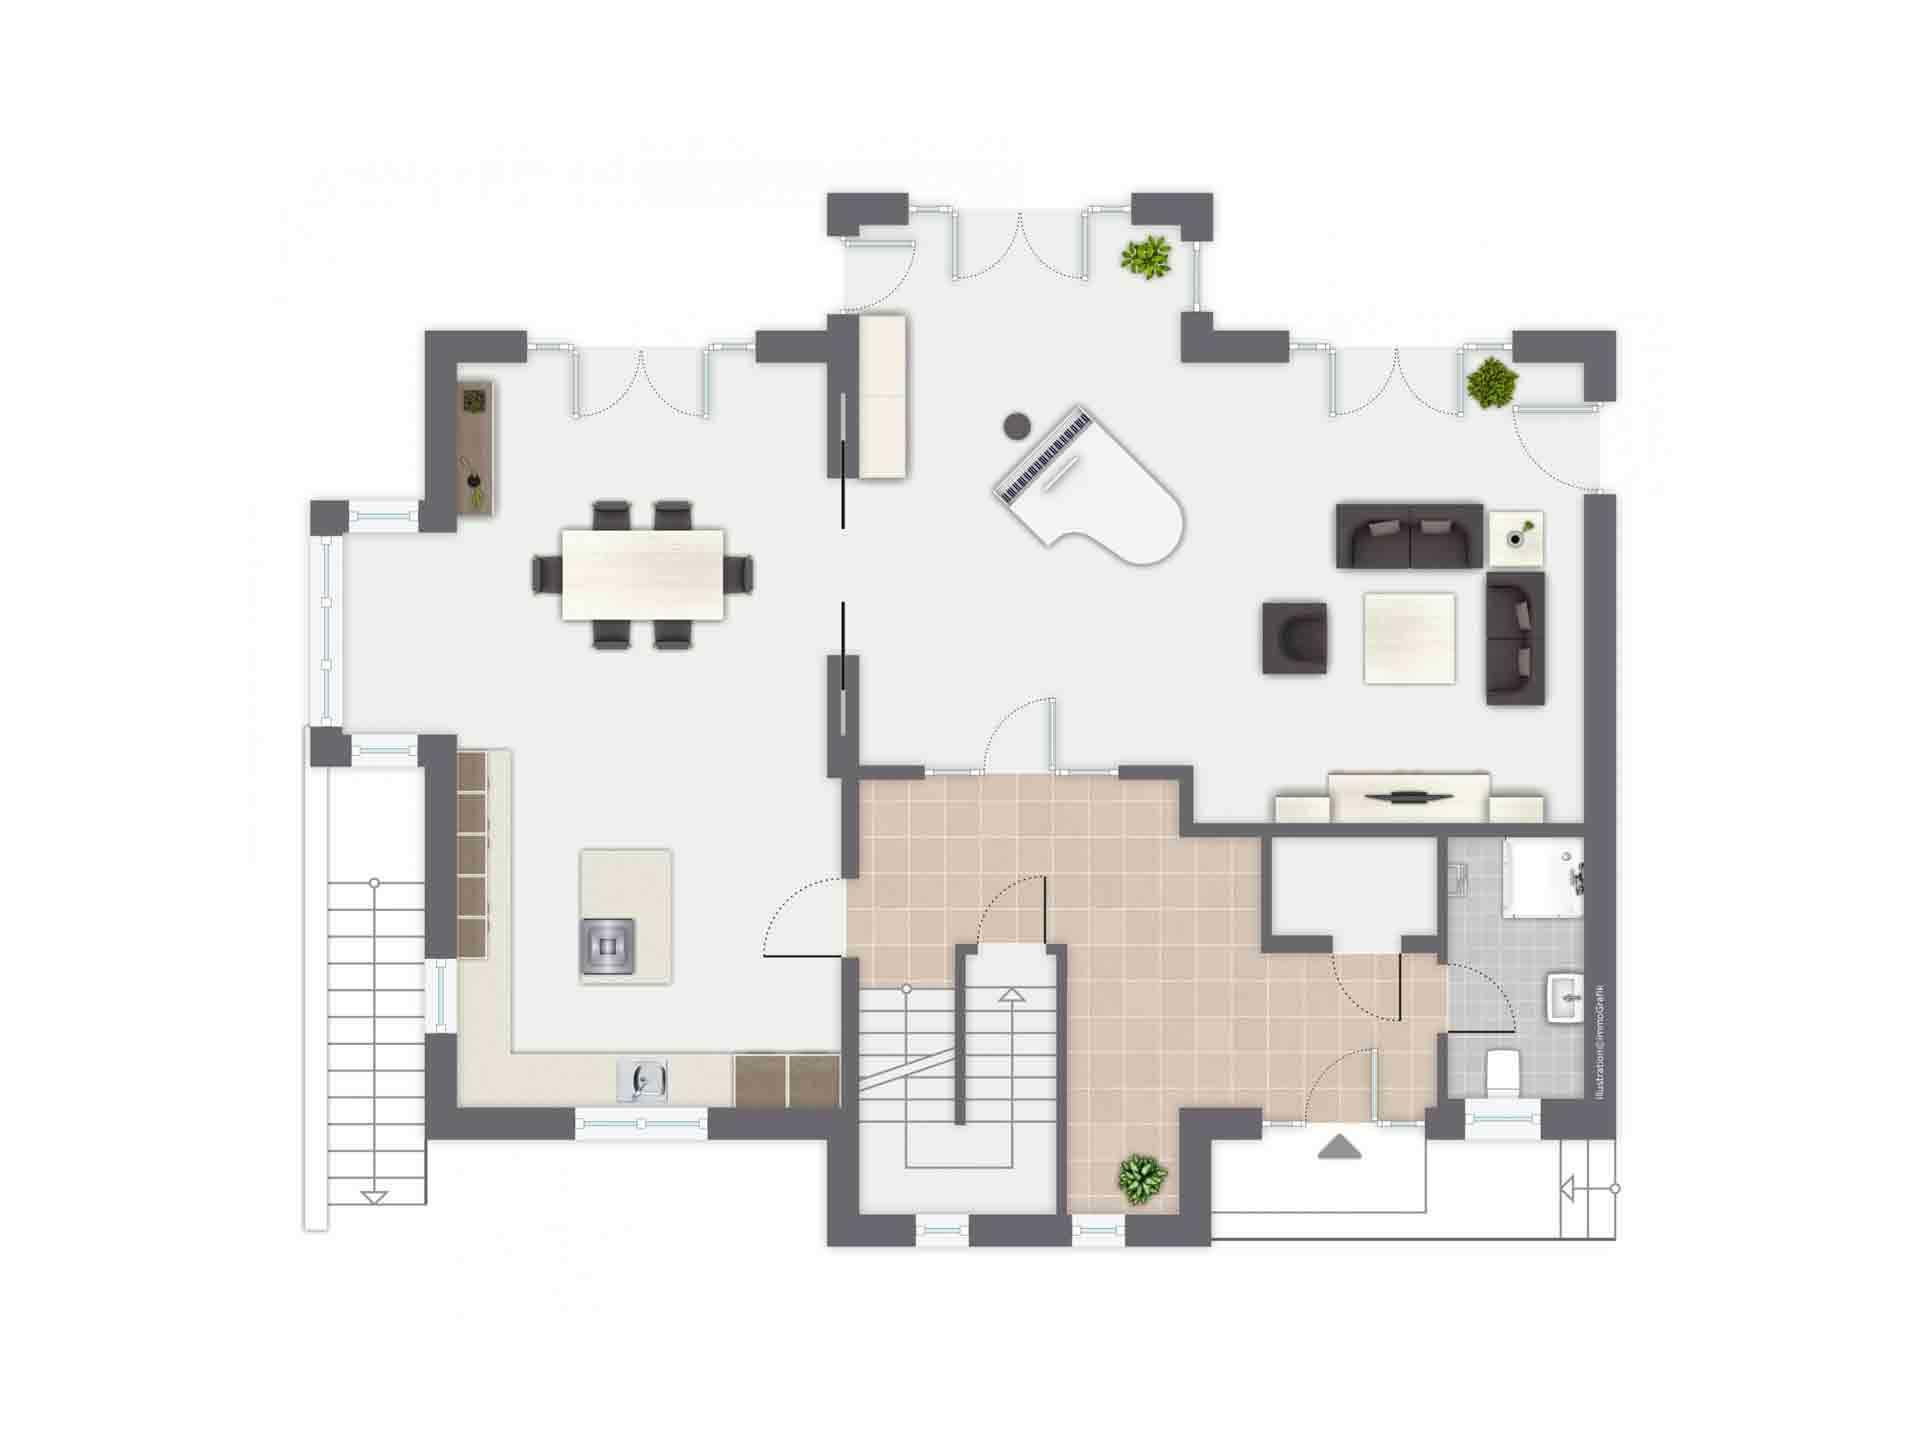 Einfamilienhaus Siebenbrunn - Eine Nahaufnahme eines Geräts - Gussek Haus